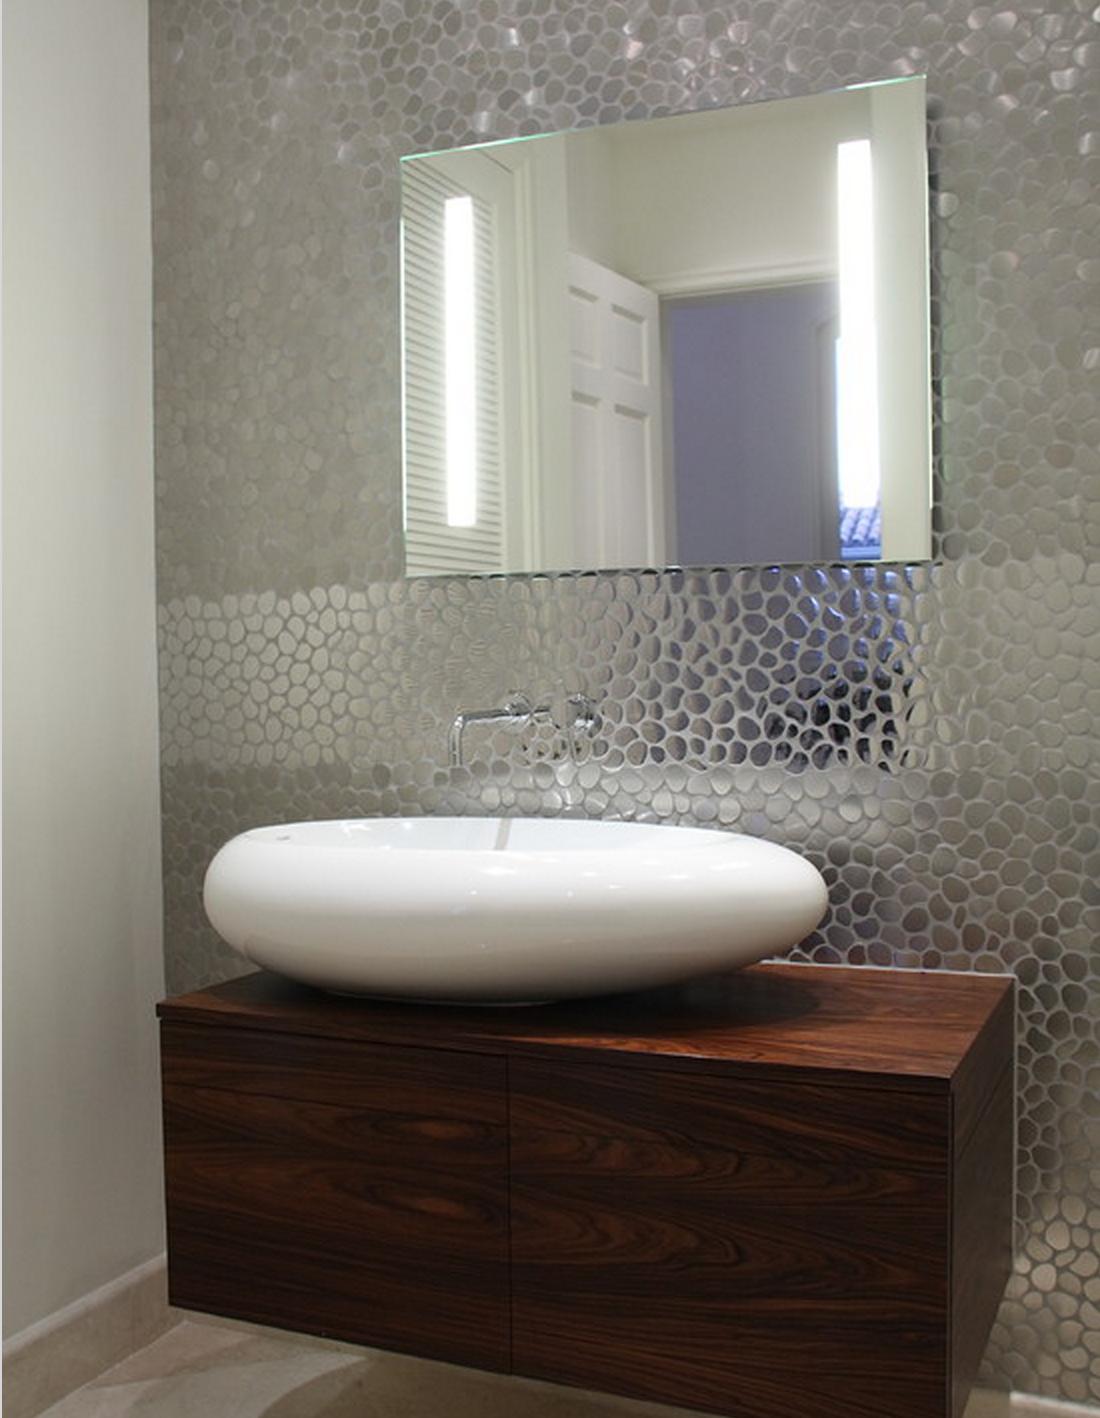 Funky wall covering guest bathroom biz ideas for Funky bathroom designs